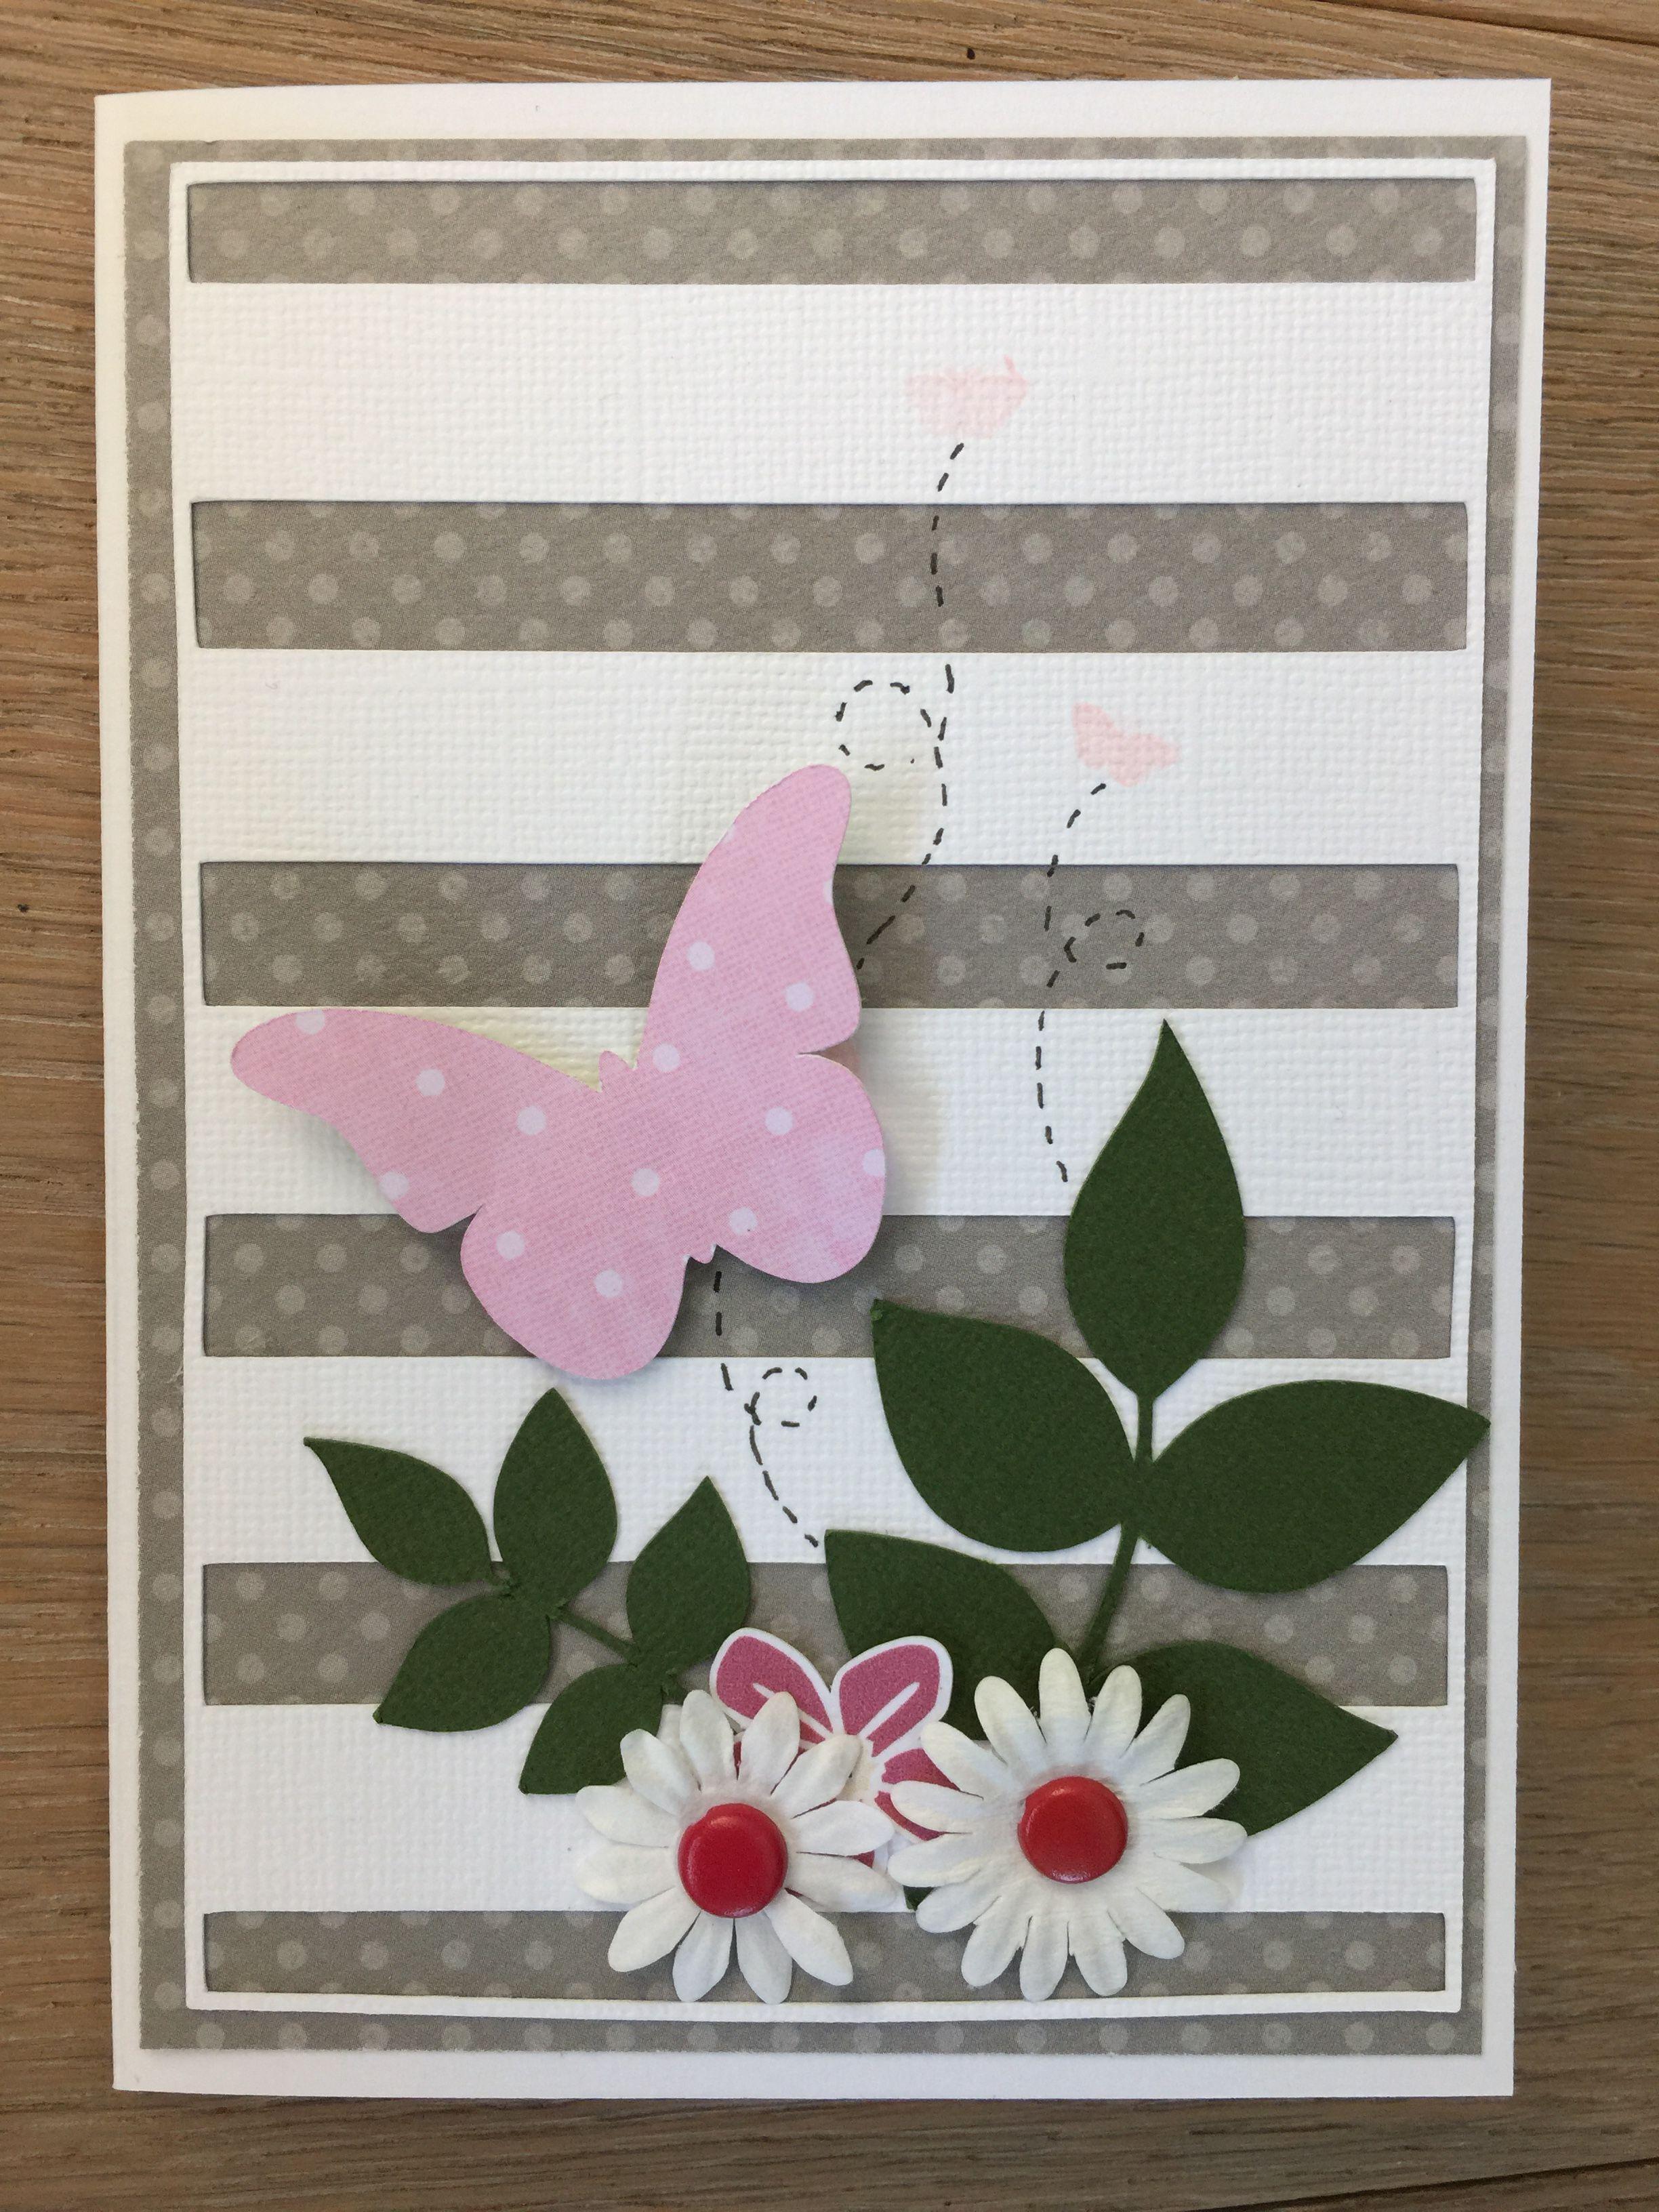 Summer card flowers and butterflies Création de latelier124.ch